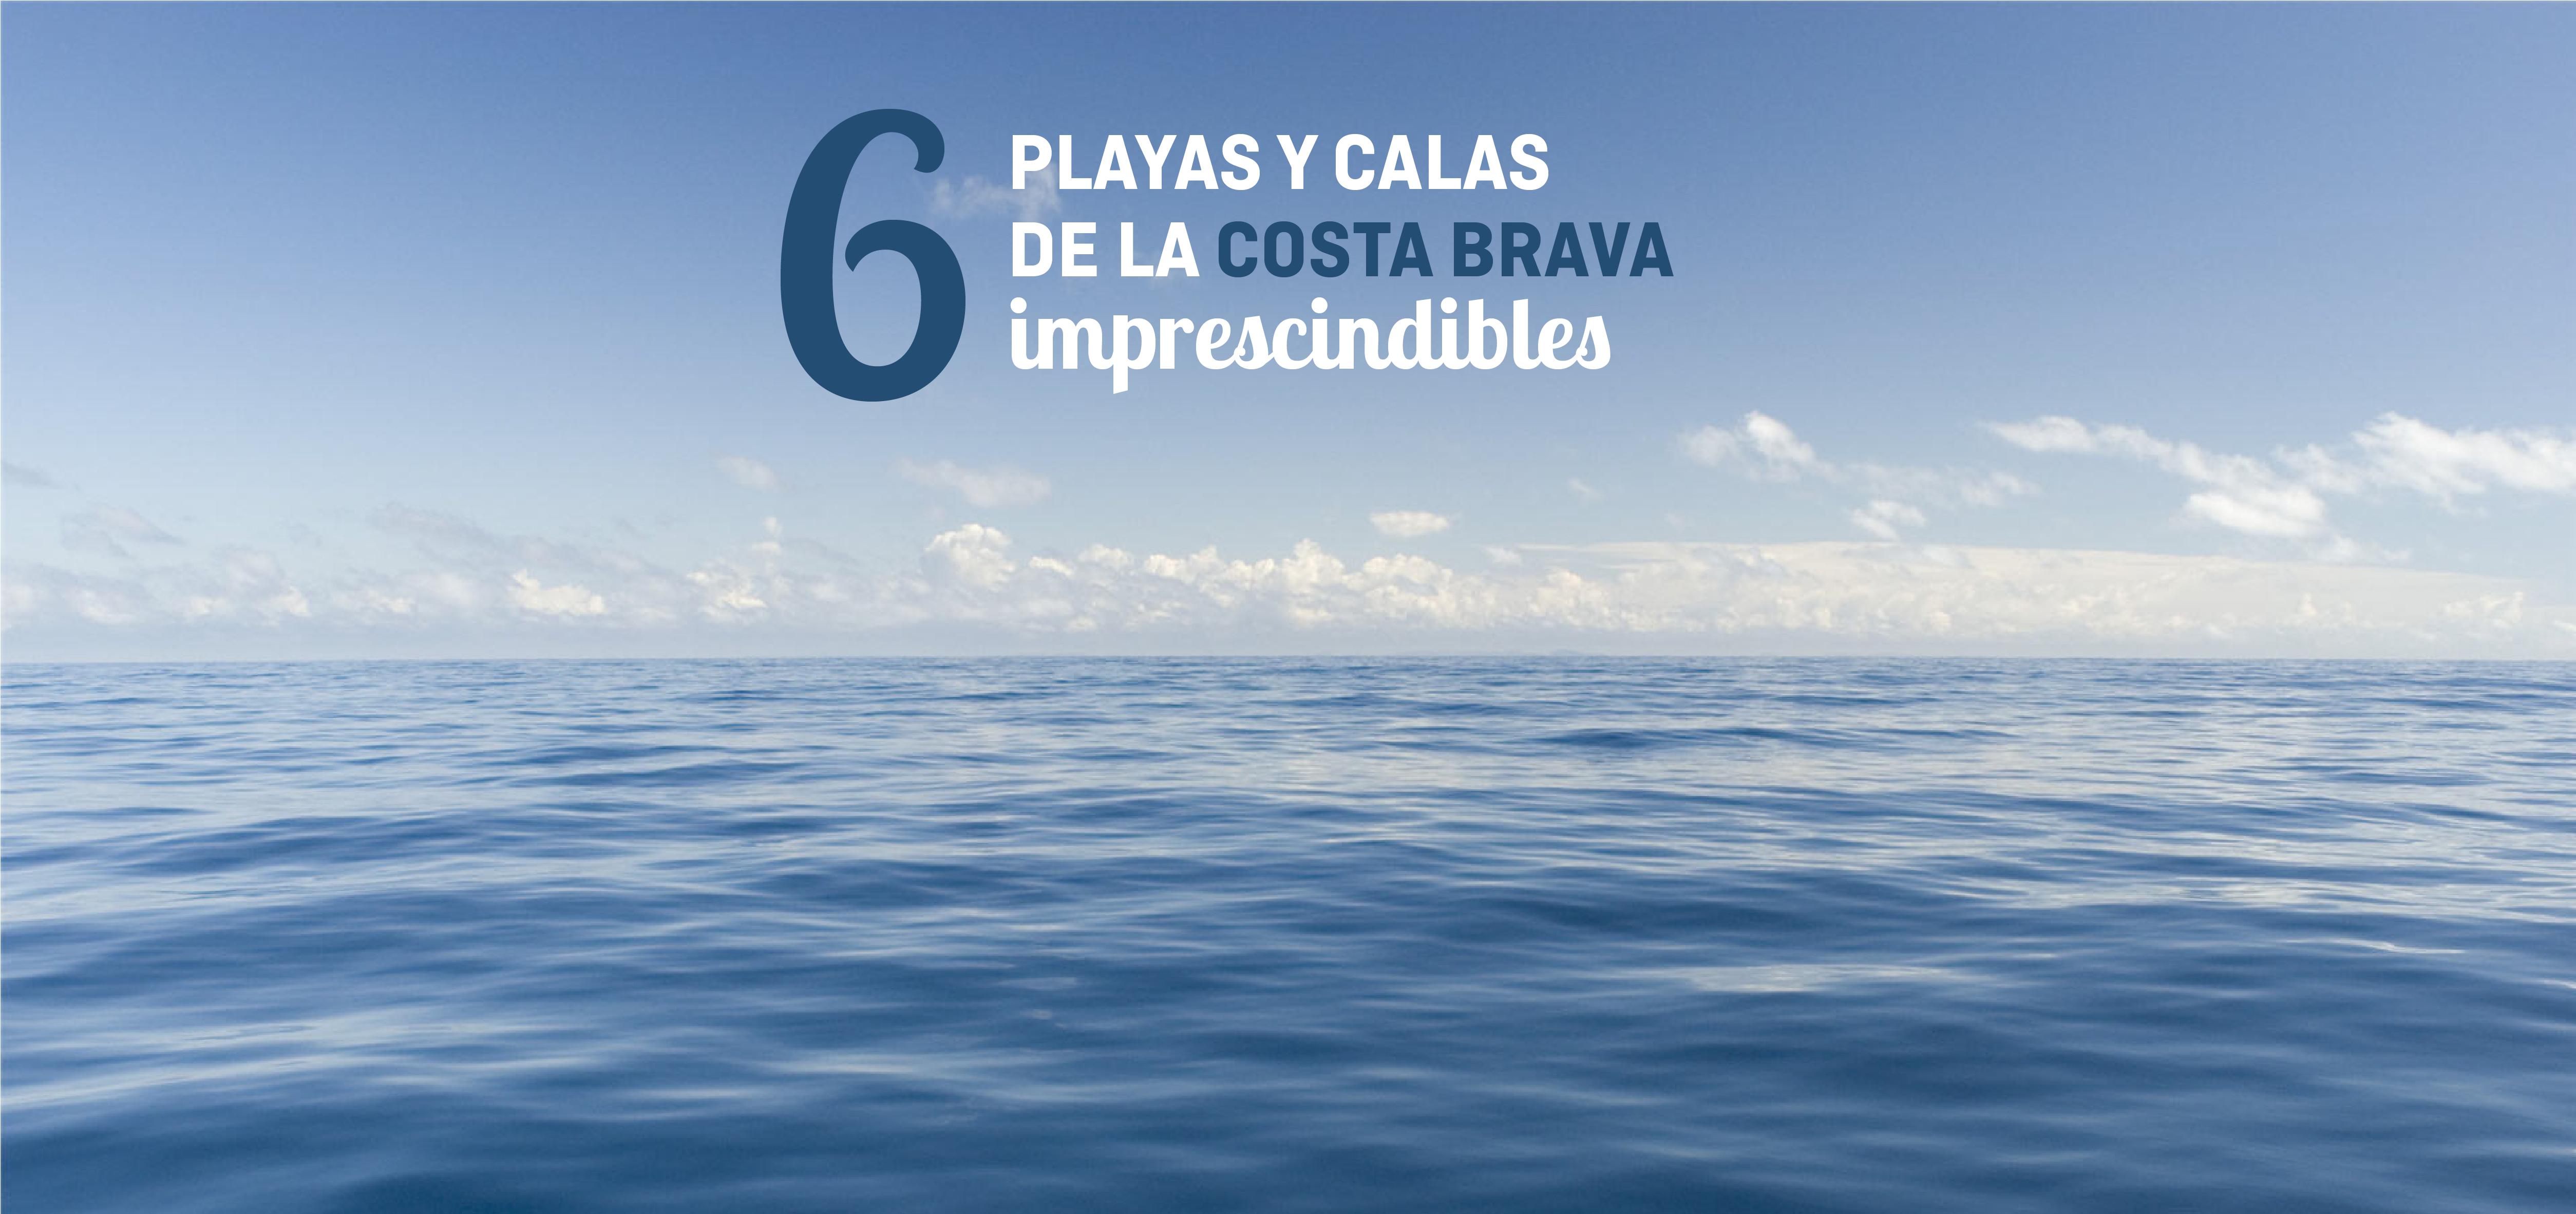 Una dura elección: 6 playas de la Costa Brava imprescindibles